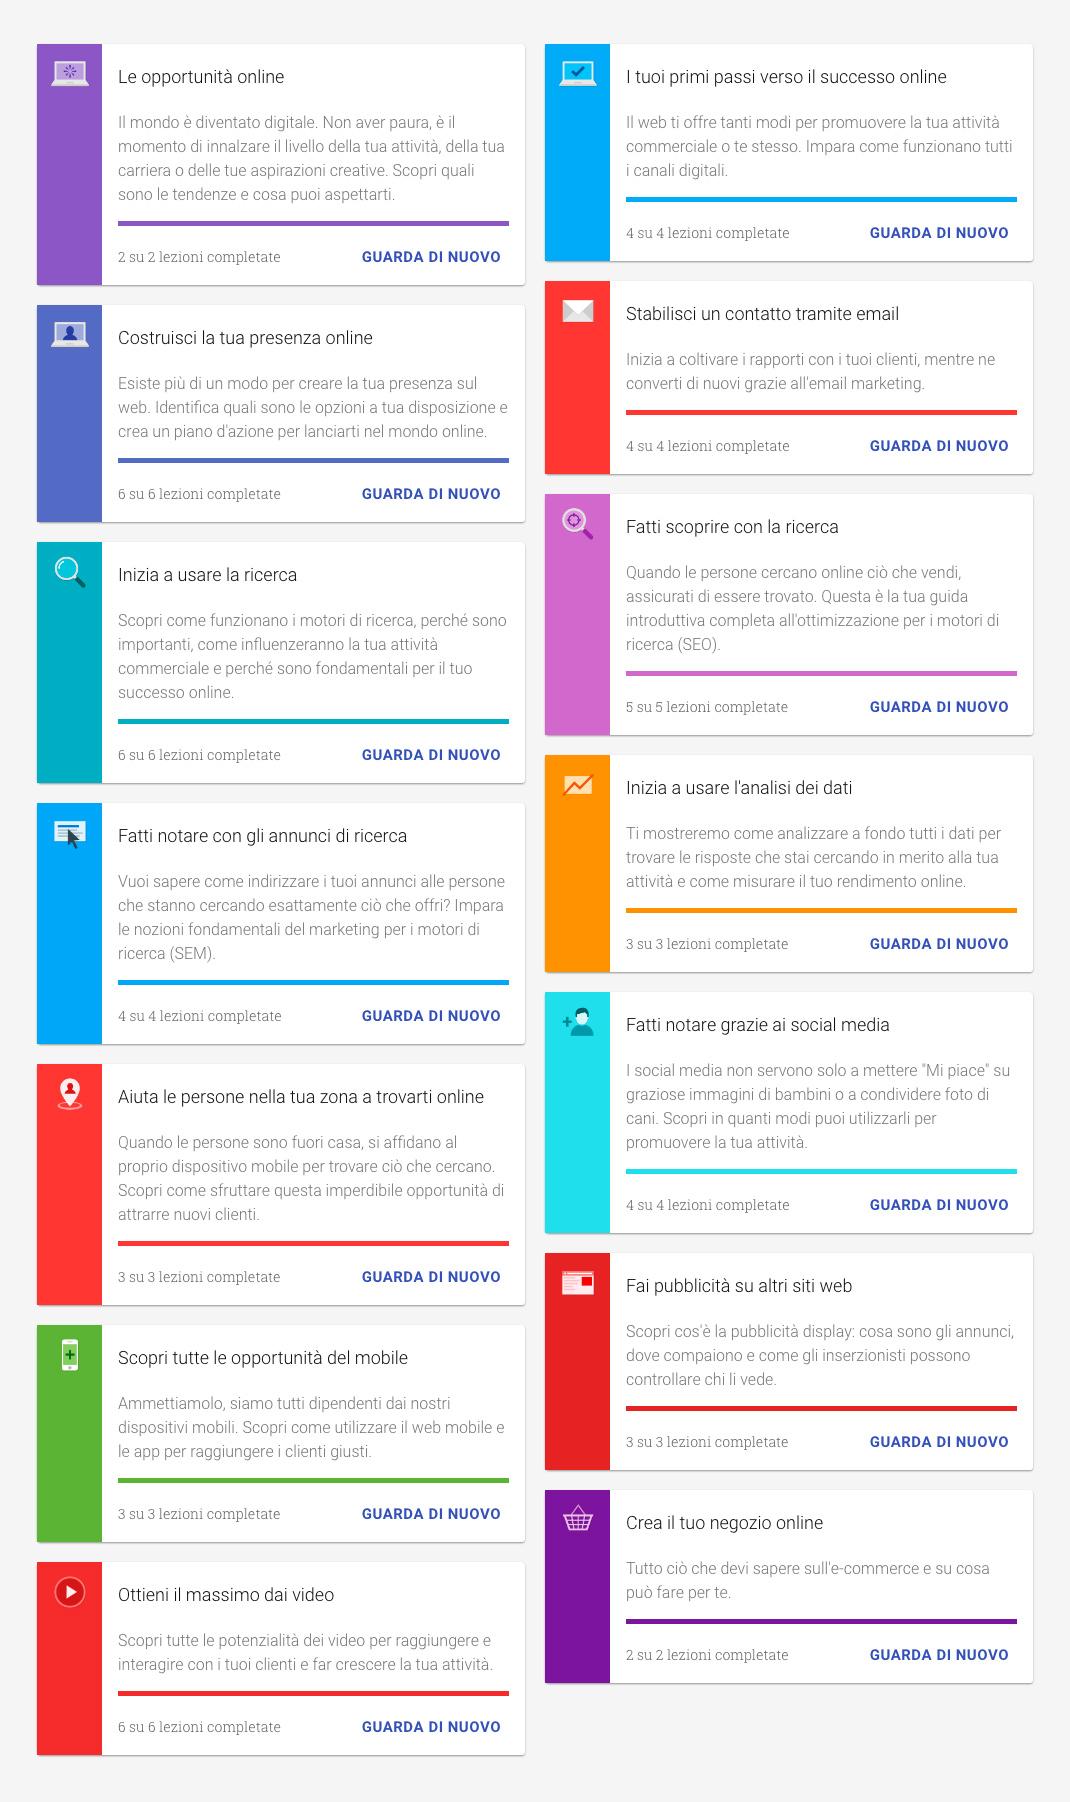 google_topics_alessio_damico